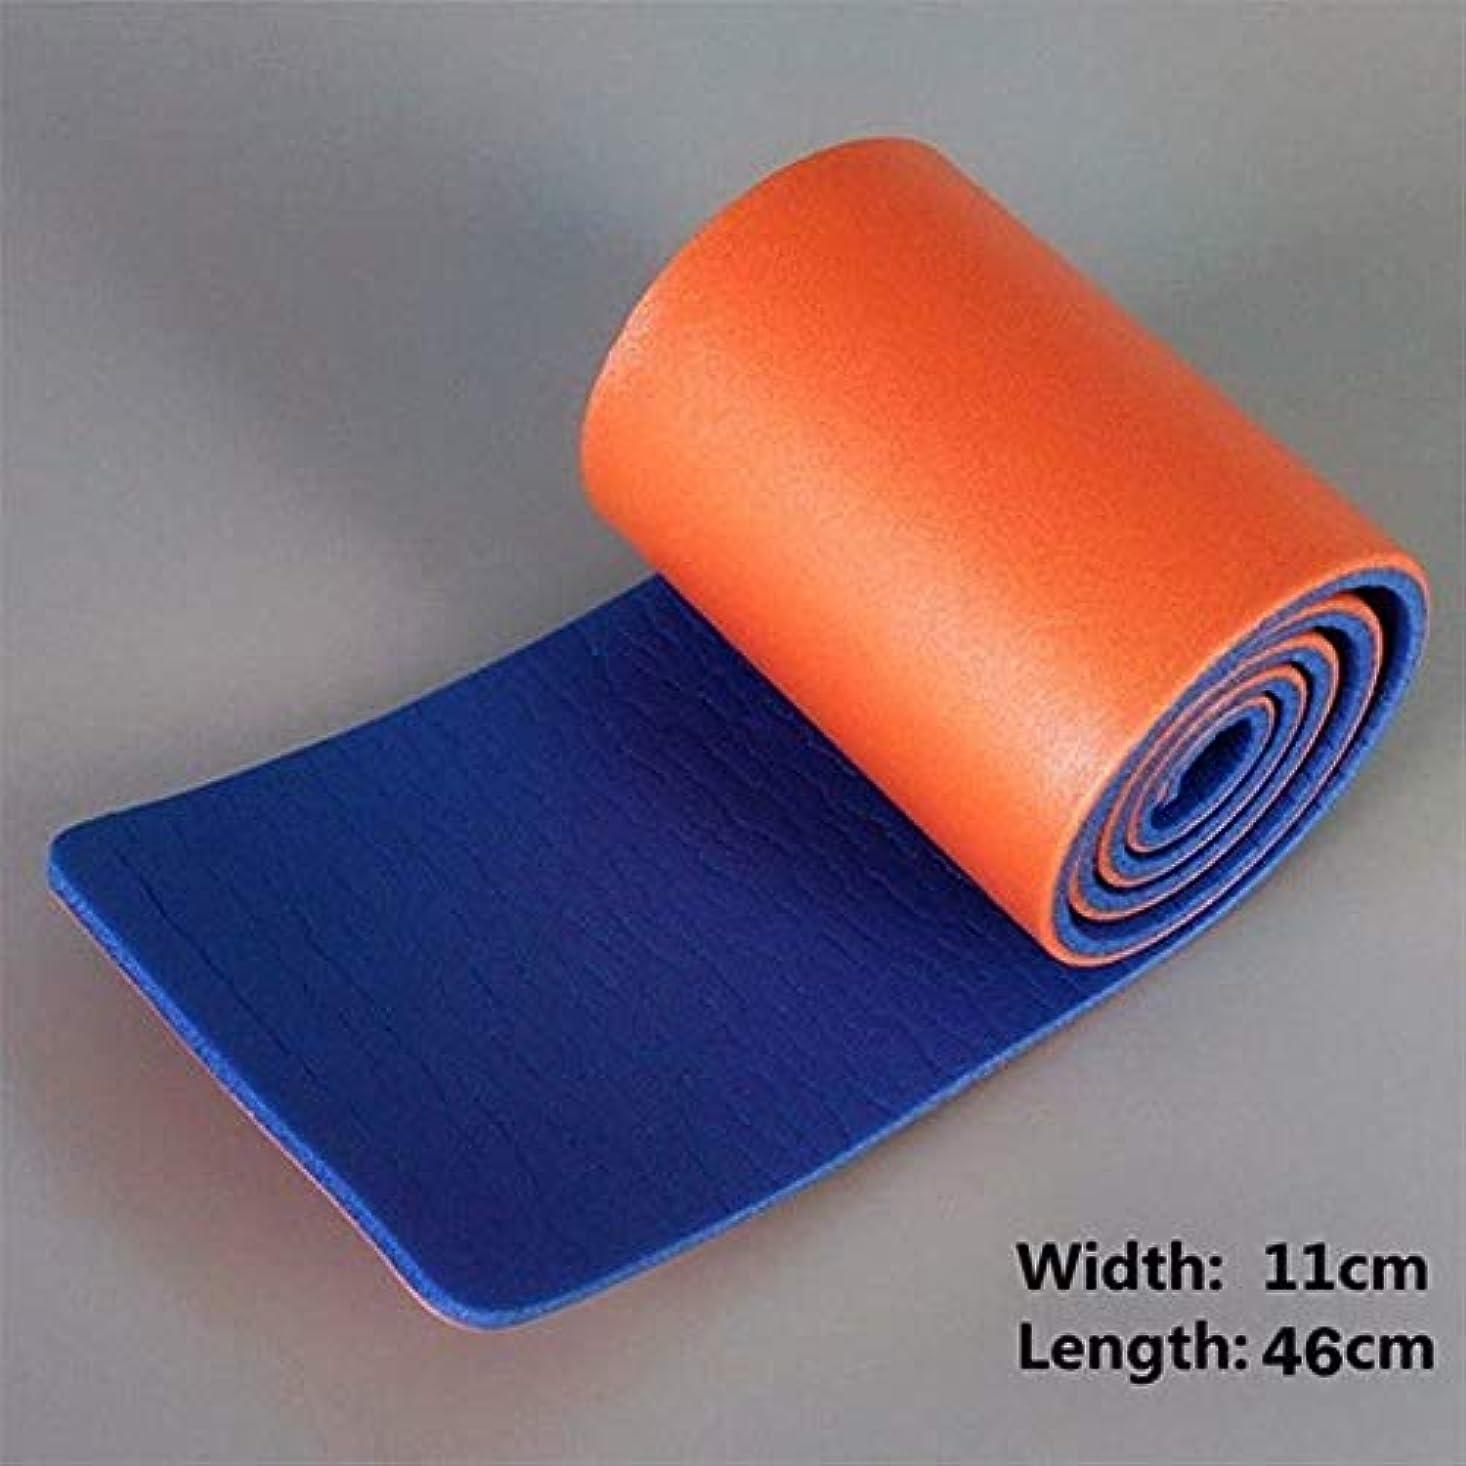 デマンドローンしたい圧着合板フル合板 - ハンド合板イージーモールド合板オレンジ